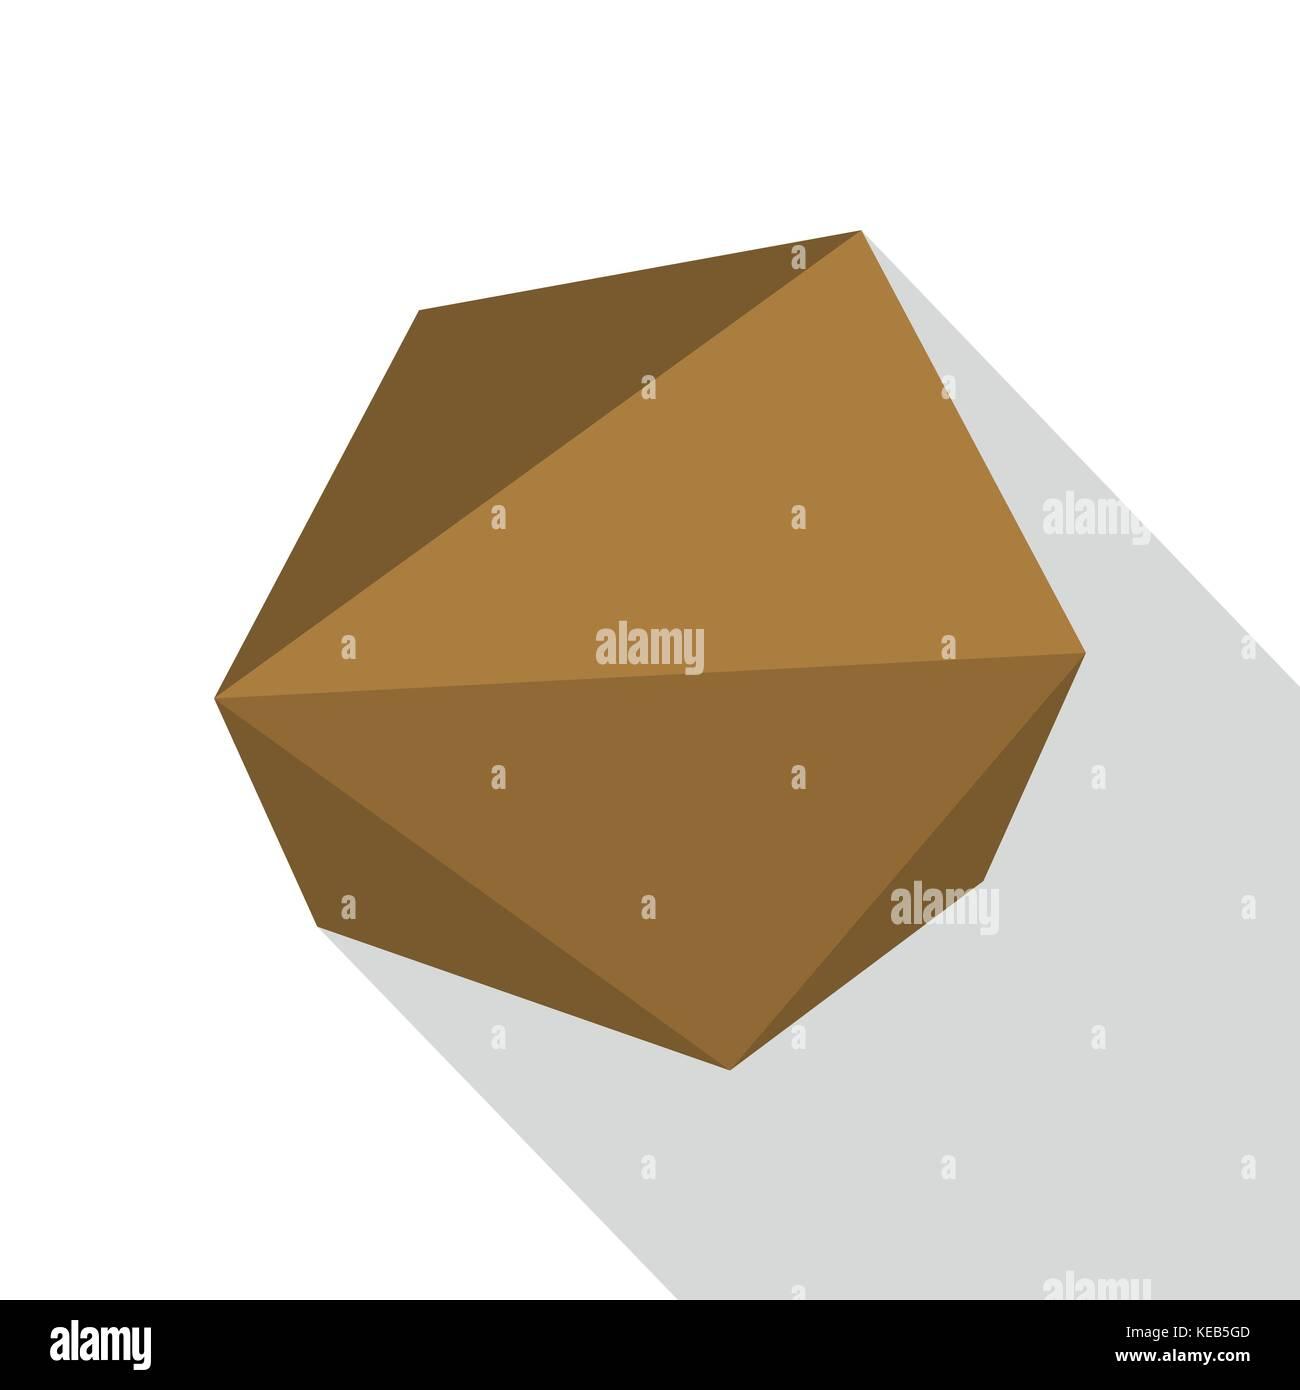 Origami stone icon, flat style - Stock Image